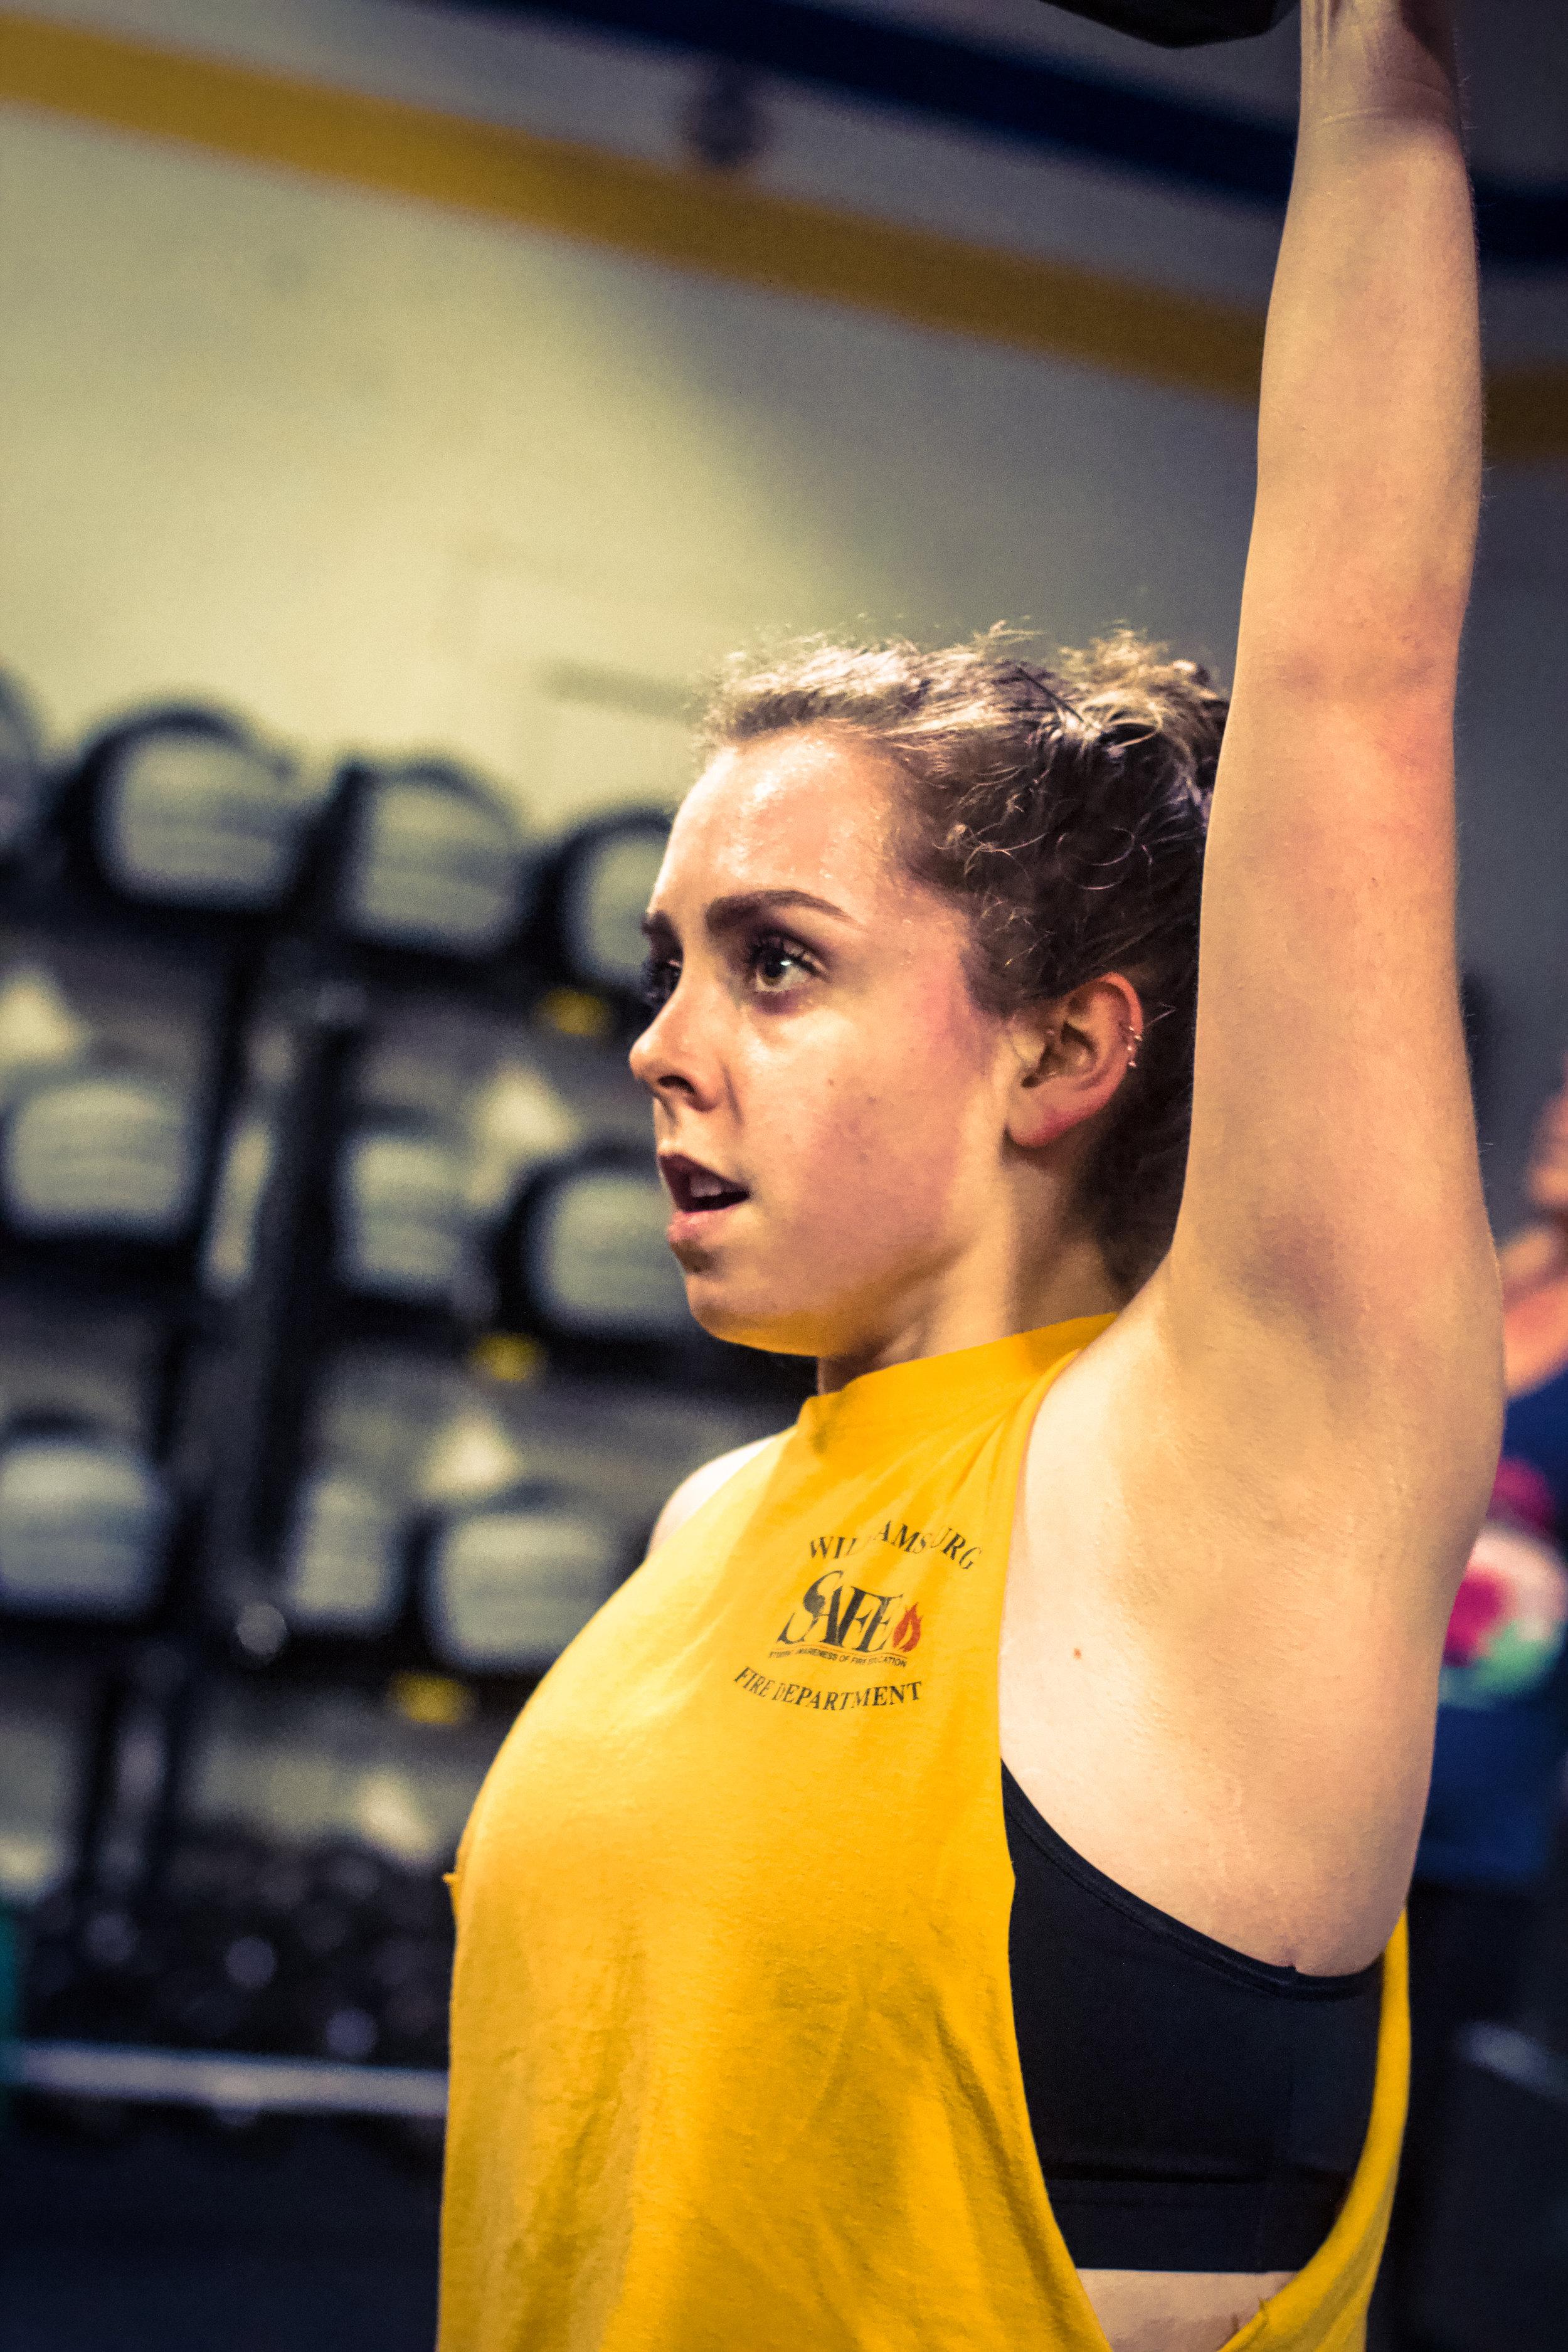 PVCF athlete, Sarah Callahan keeps always keeps her focus during a workout! Great job, Sarah!